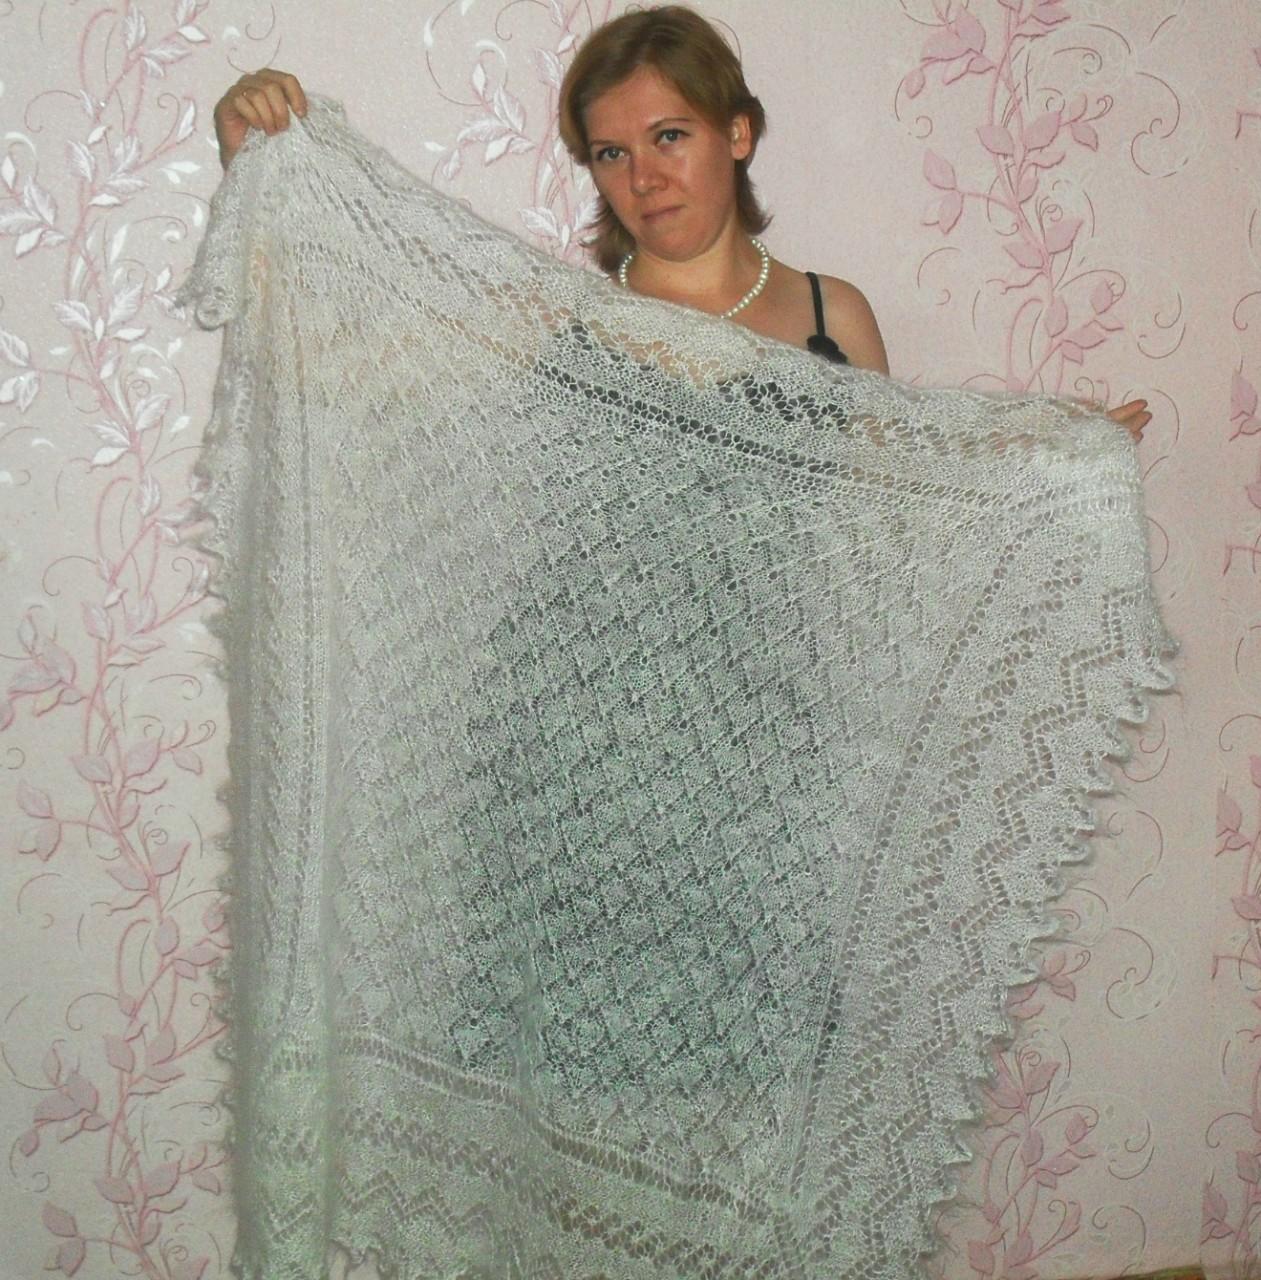 Пуховый платок -символичный подарок в год Козы